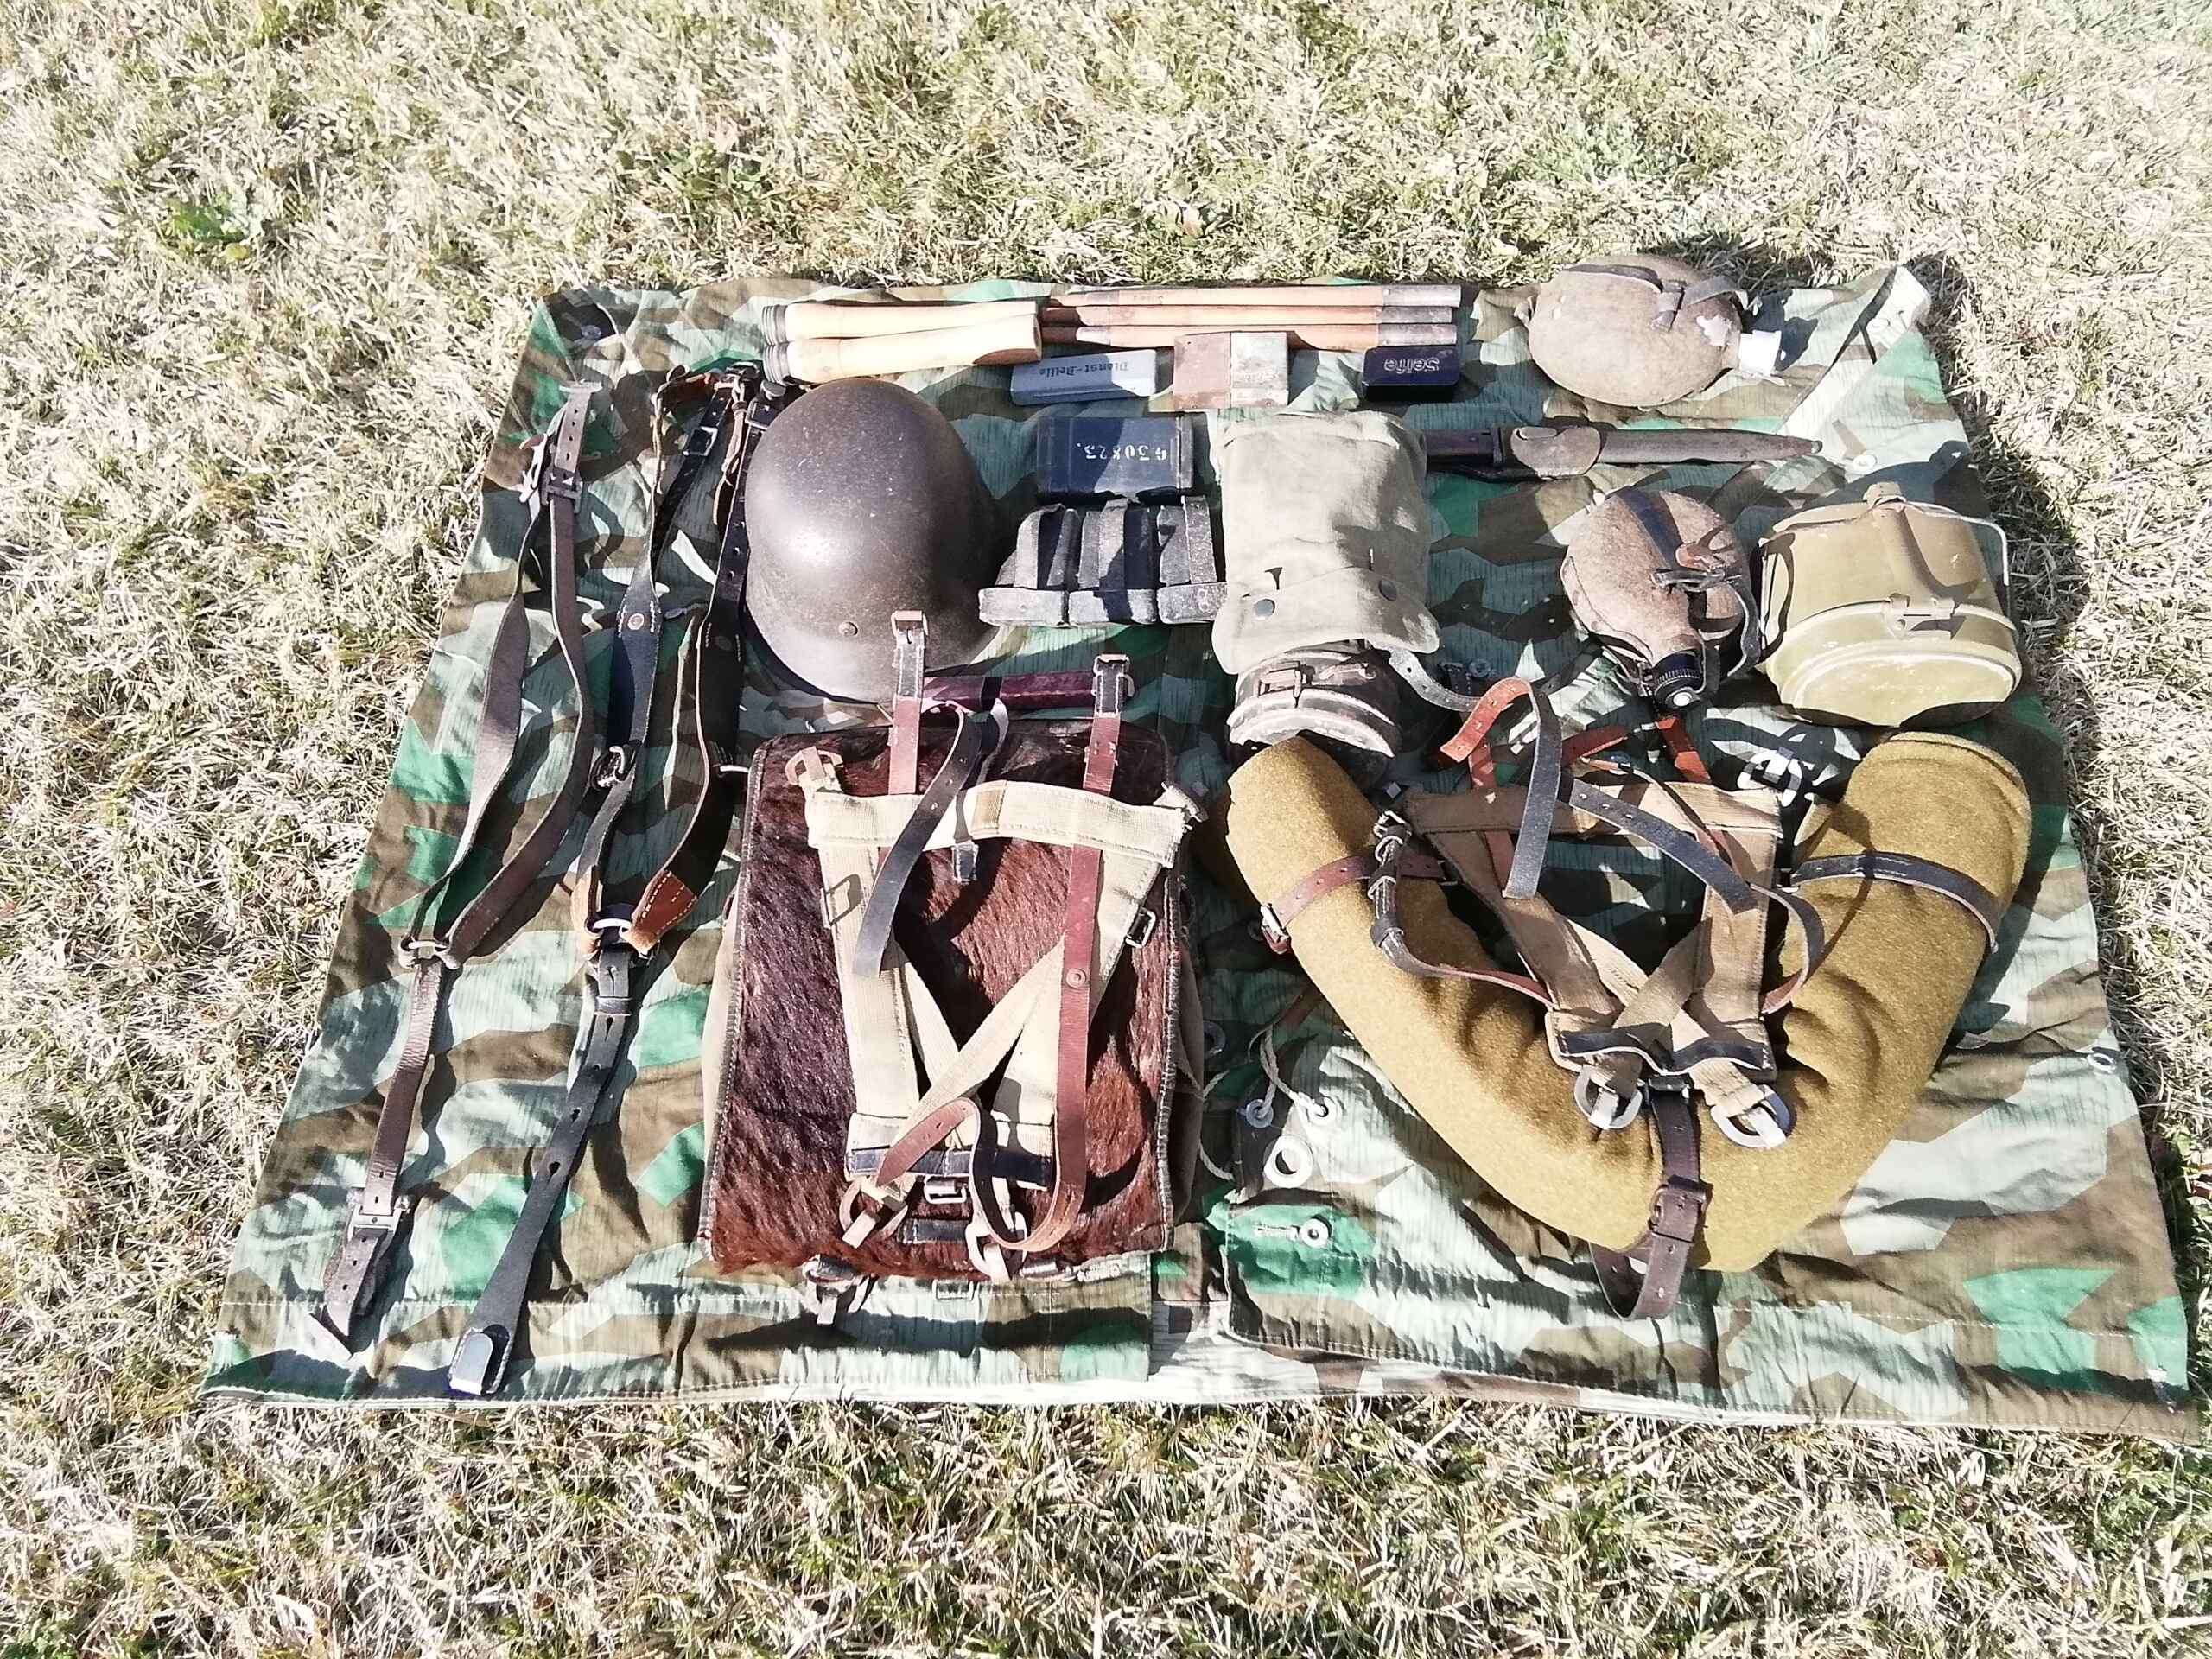 Équipements de mon fantassin de la wehrmacht  Img_2806